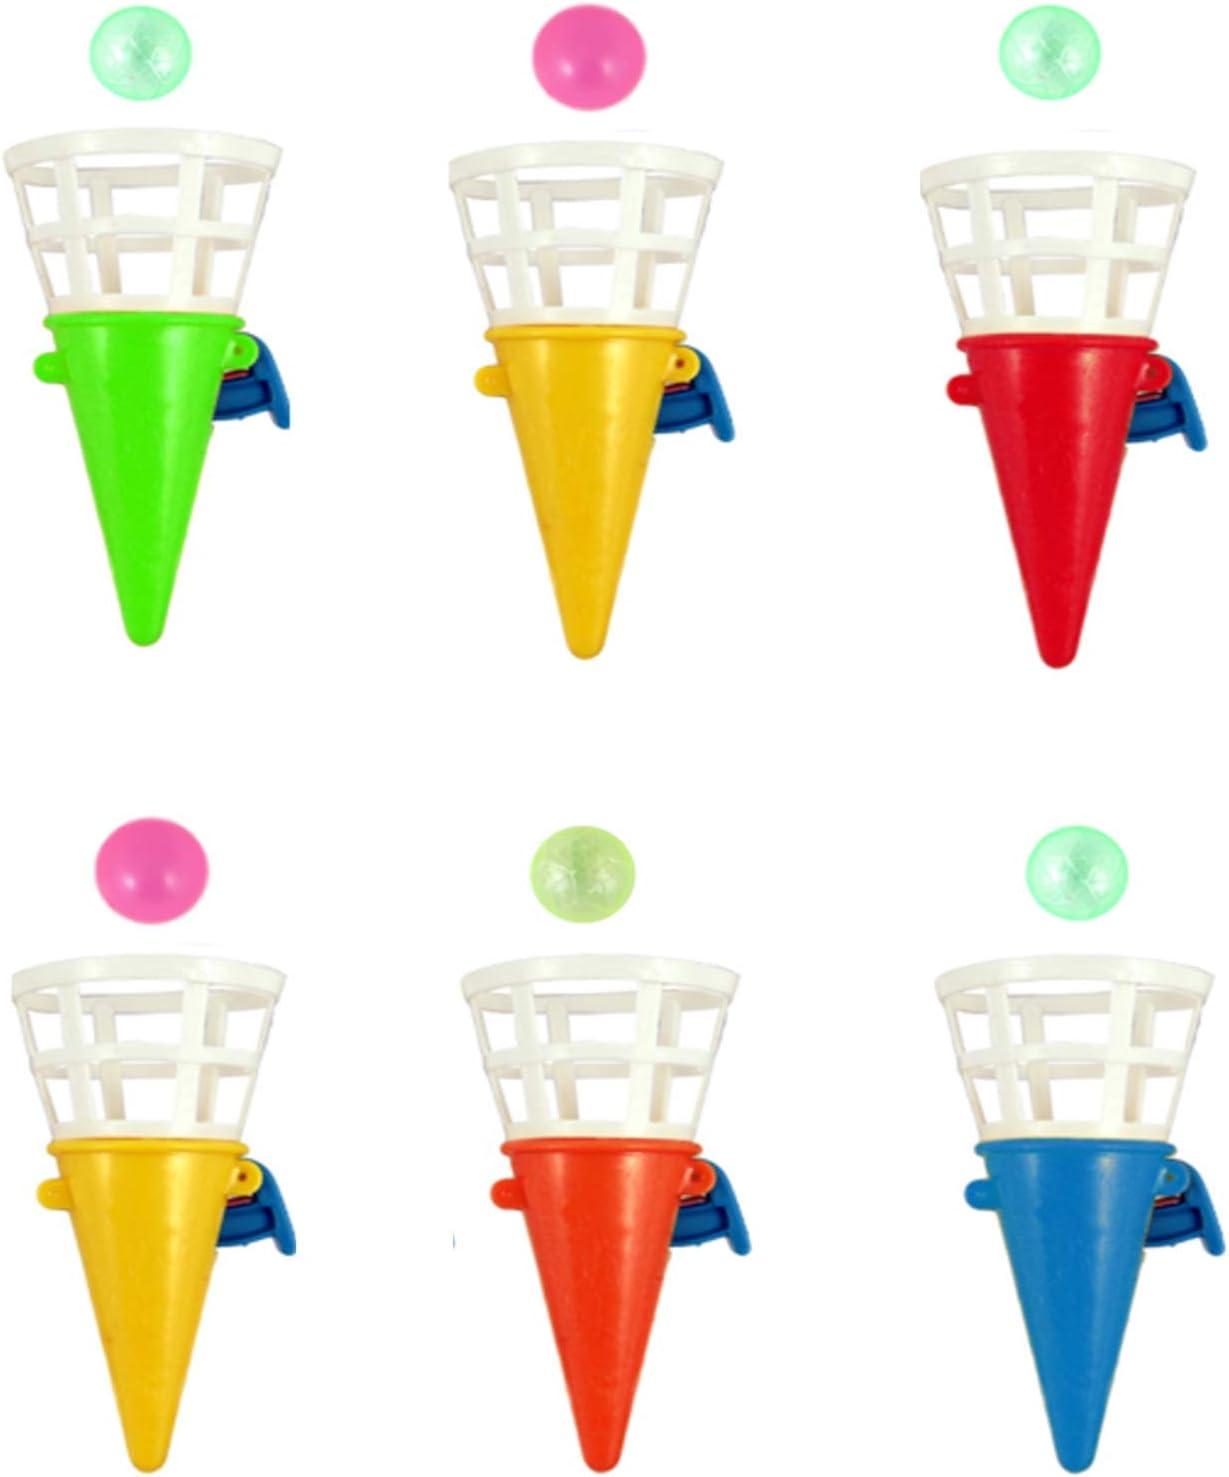 6 x Mini conos para jugar a cazar la pelota, regalo de cumpleaños ...